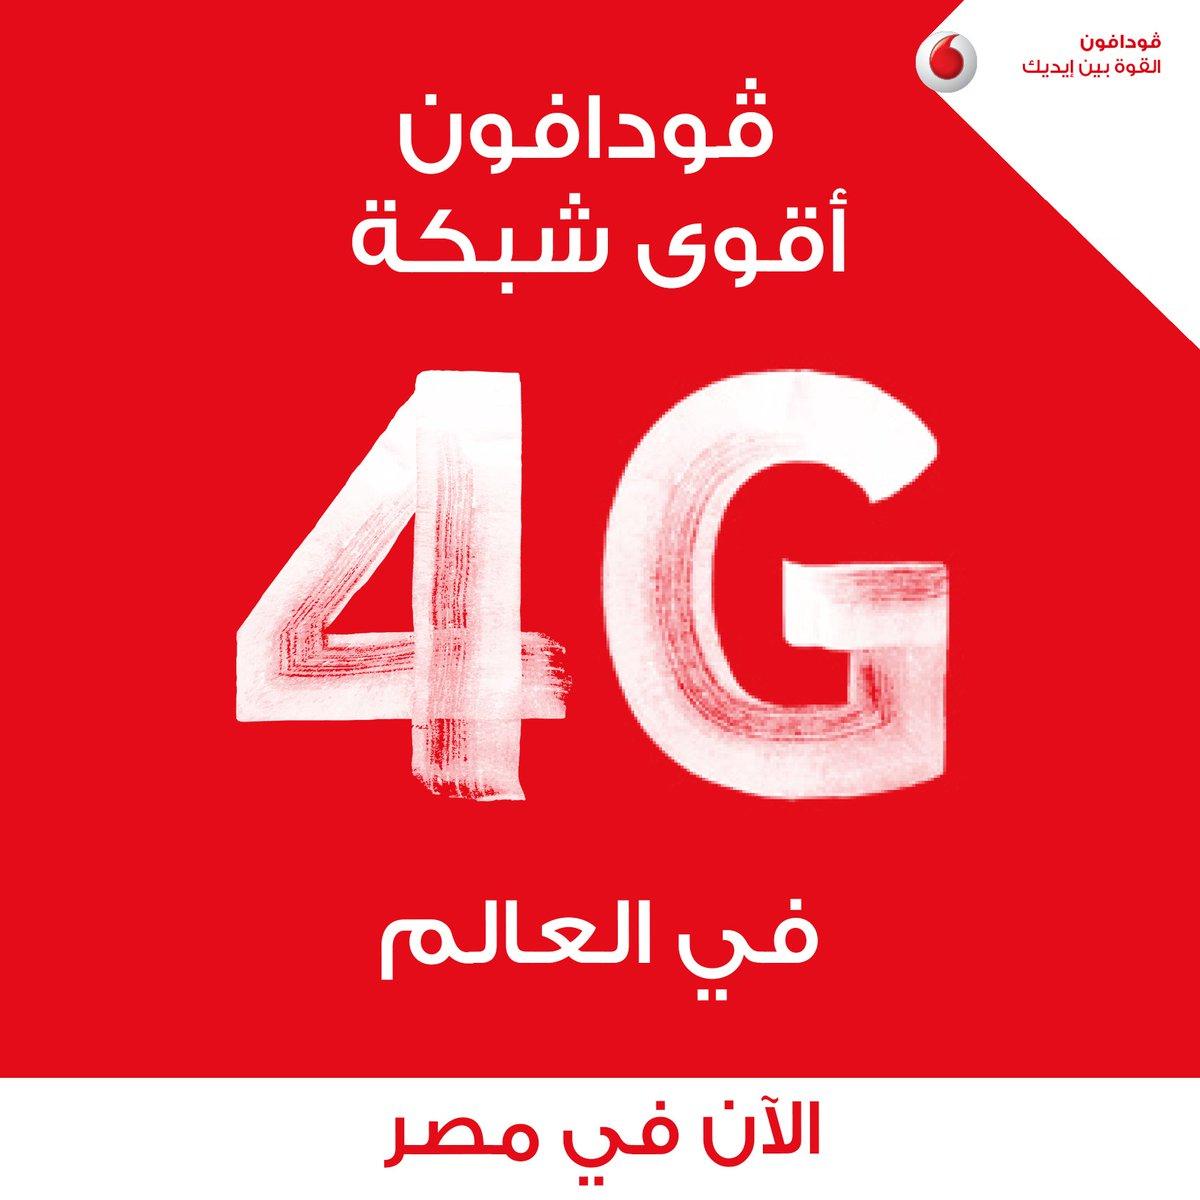 ڤودافون مصر تحصل على رخصة الجيل الرابع... اقوى شبكة 4G في العالم. لمعرفة المزيد https://t.co/HrbzF6r2va https://t.co/4EEC2zE20R